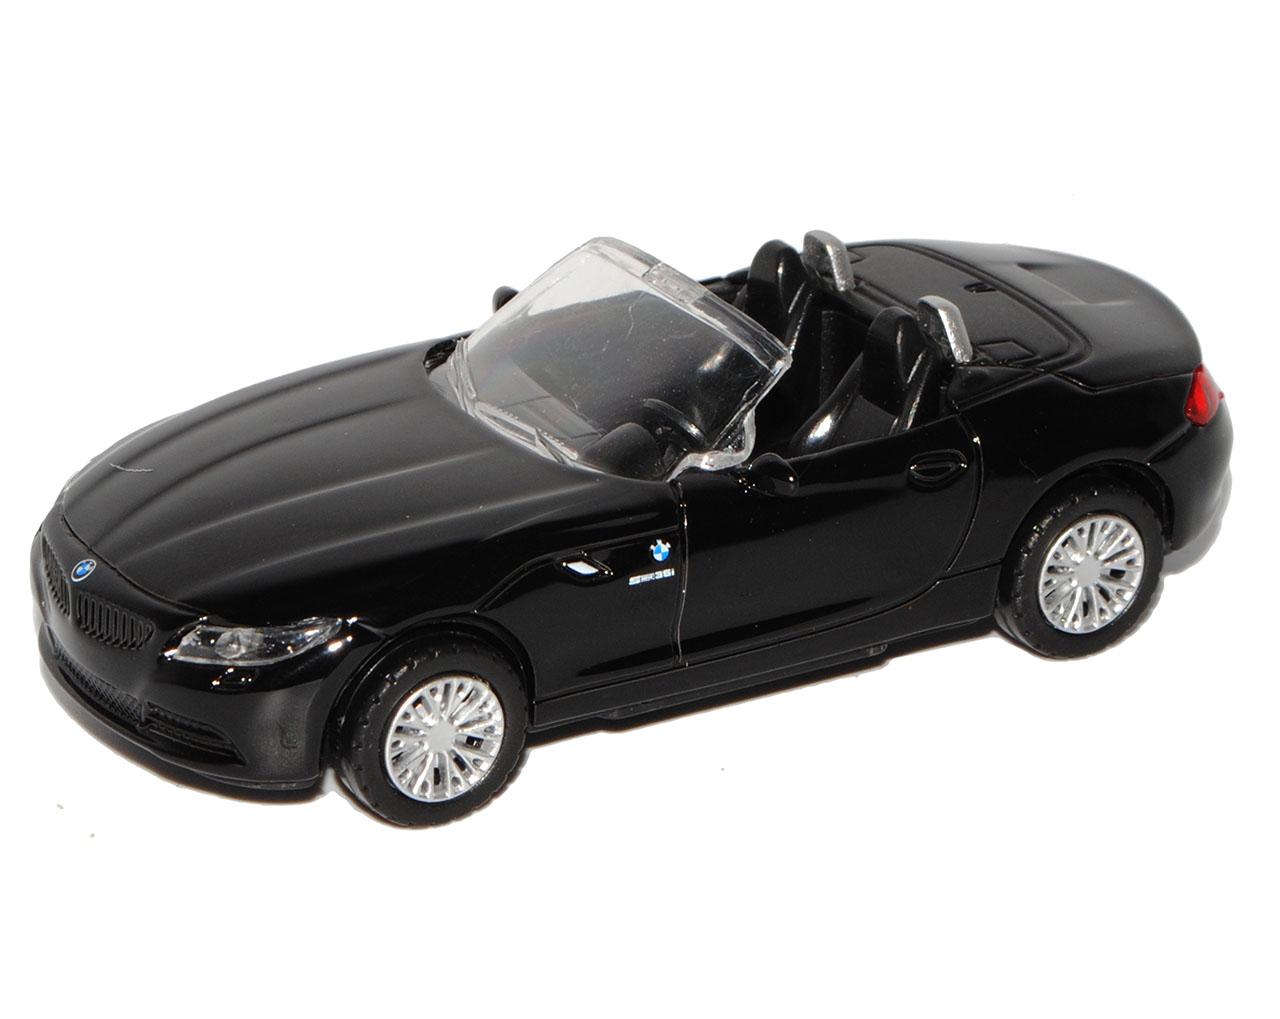 bmw z4 e89 cabrio schwarz 2009 2016 1 43 rastar modell auto mit oder ohne indi ebay. Black Bedroom Furniture Sets. Home Design Ideas